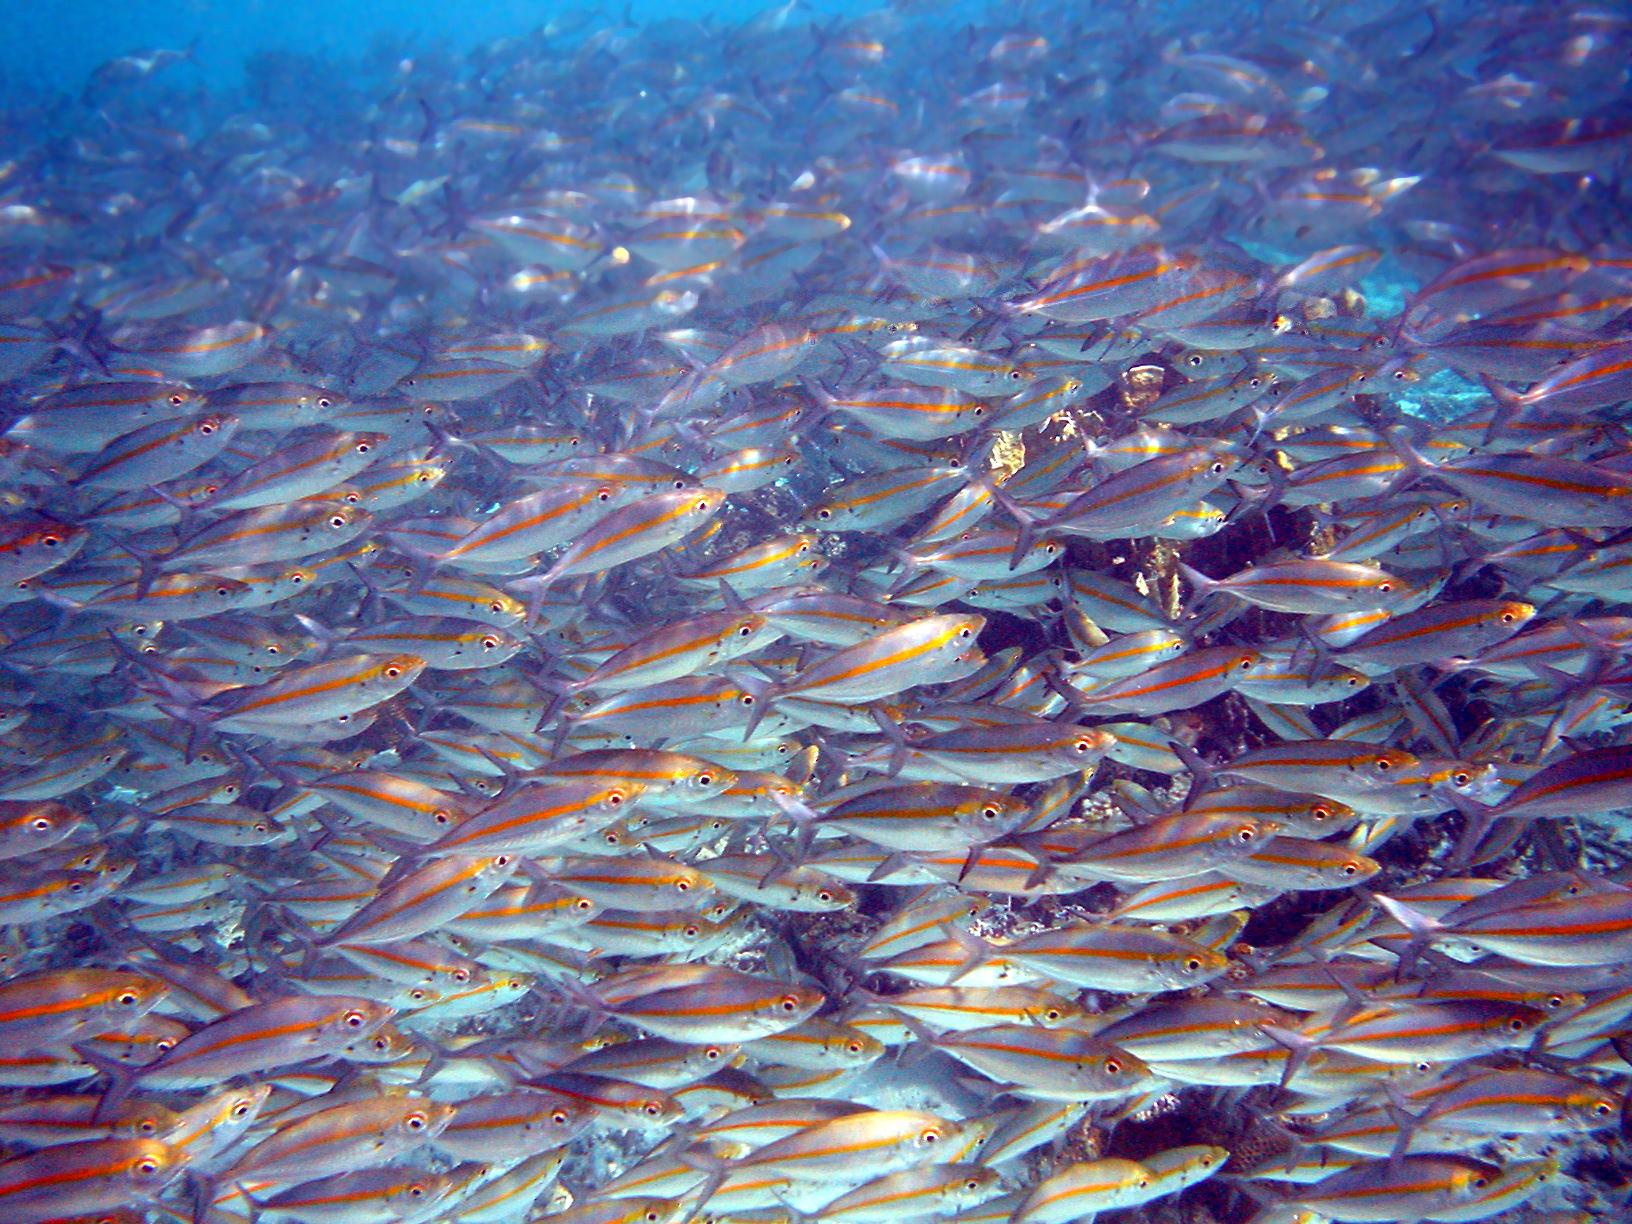 گله ماهی در آب با کیفیت طبیعی